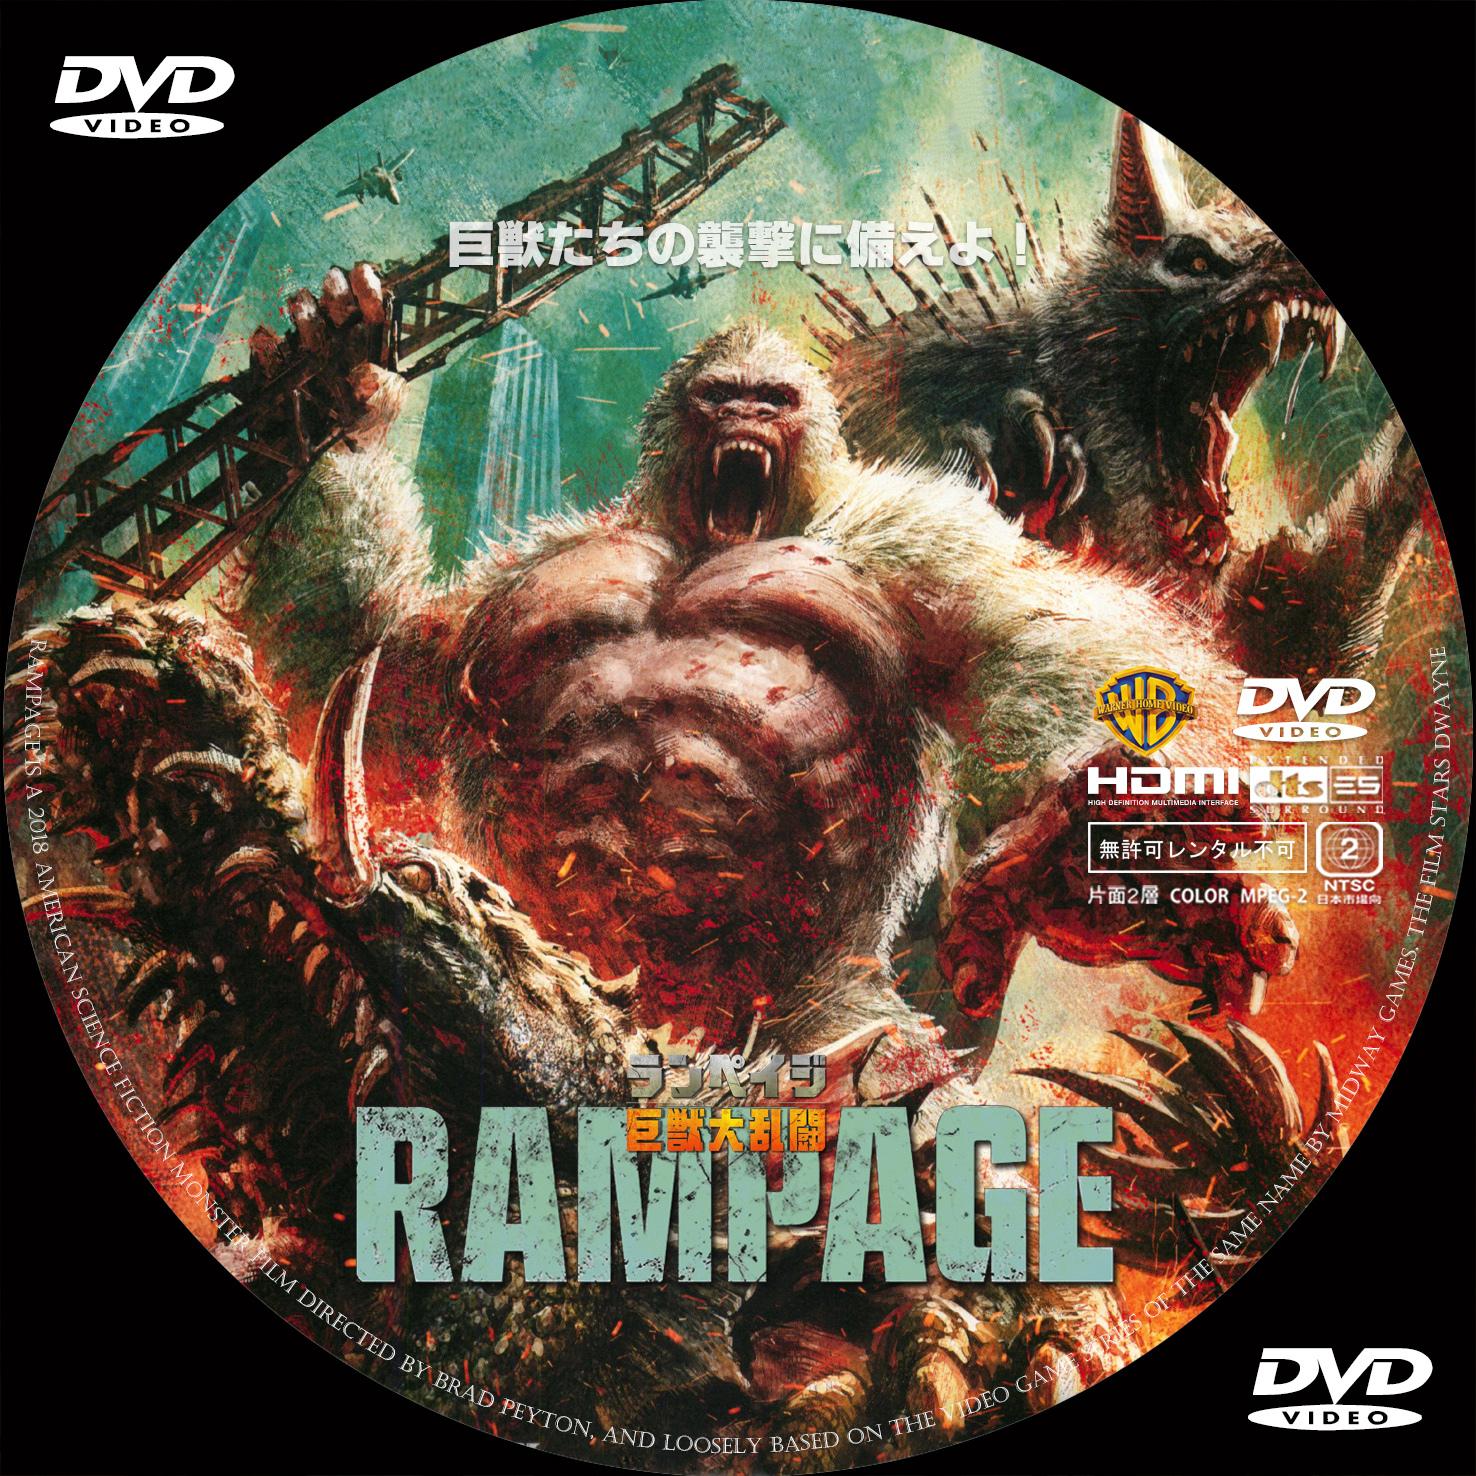 DVDラベル2